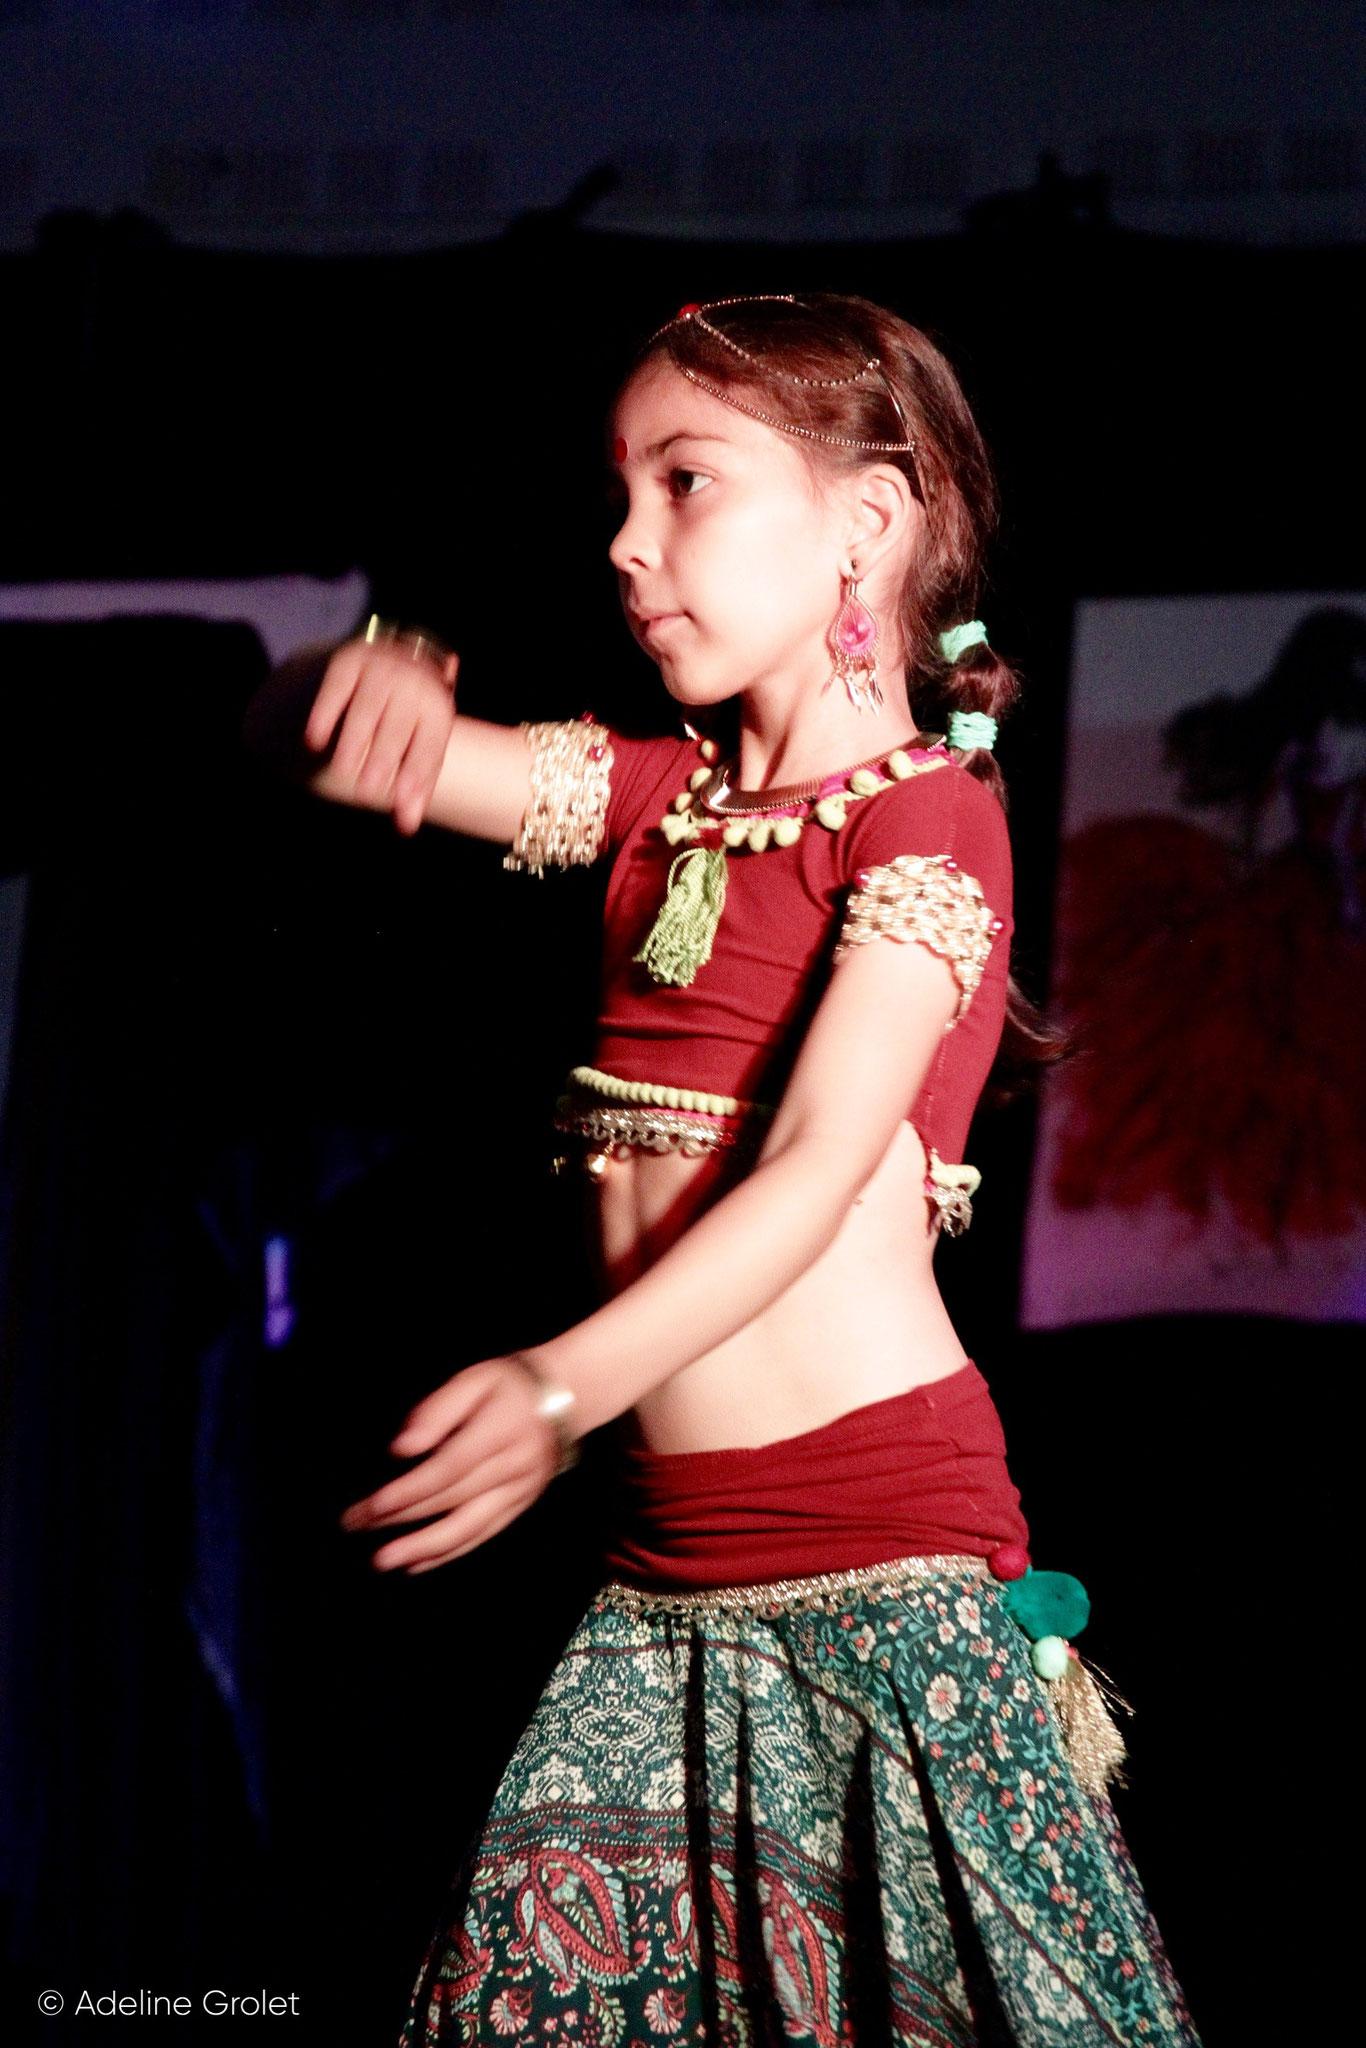 Danse petite fille